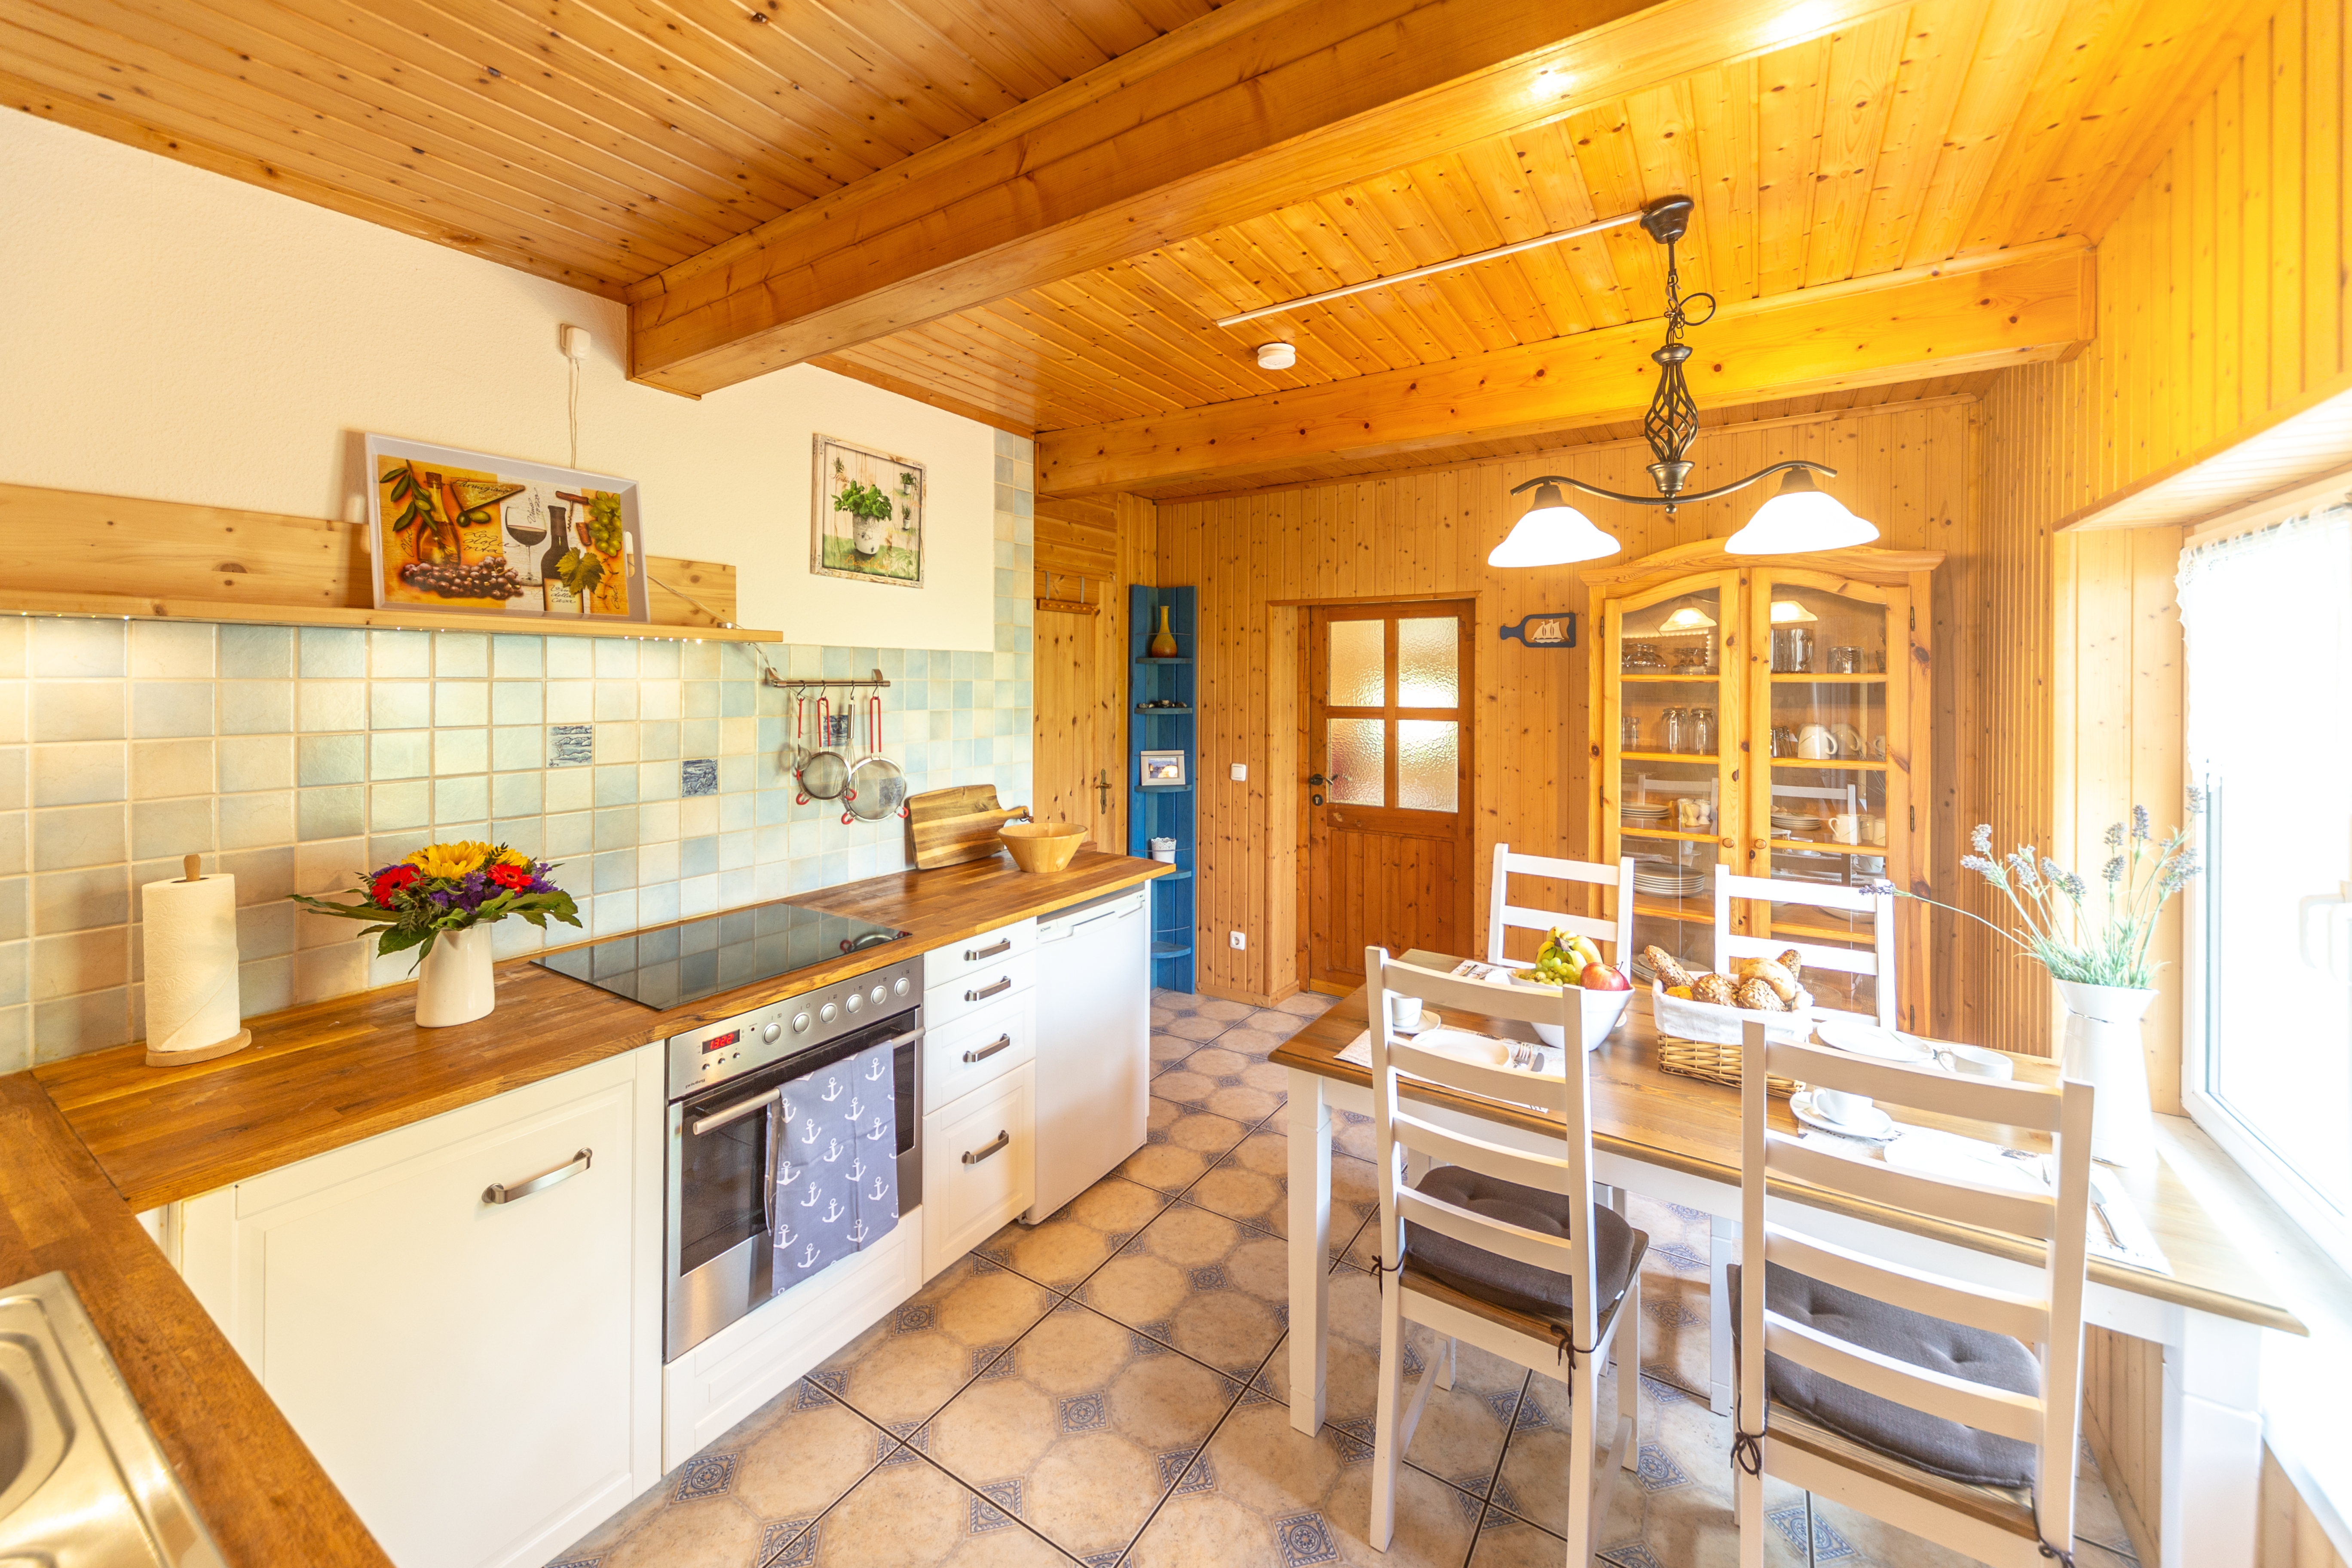 geräumige Küche mit Esstisch